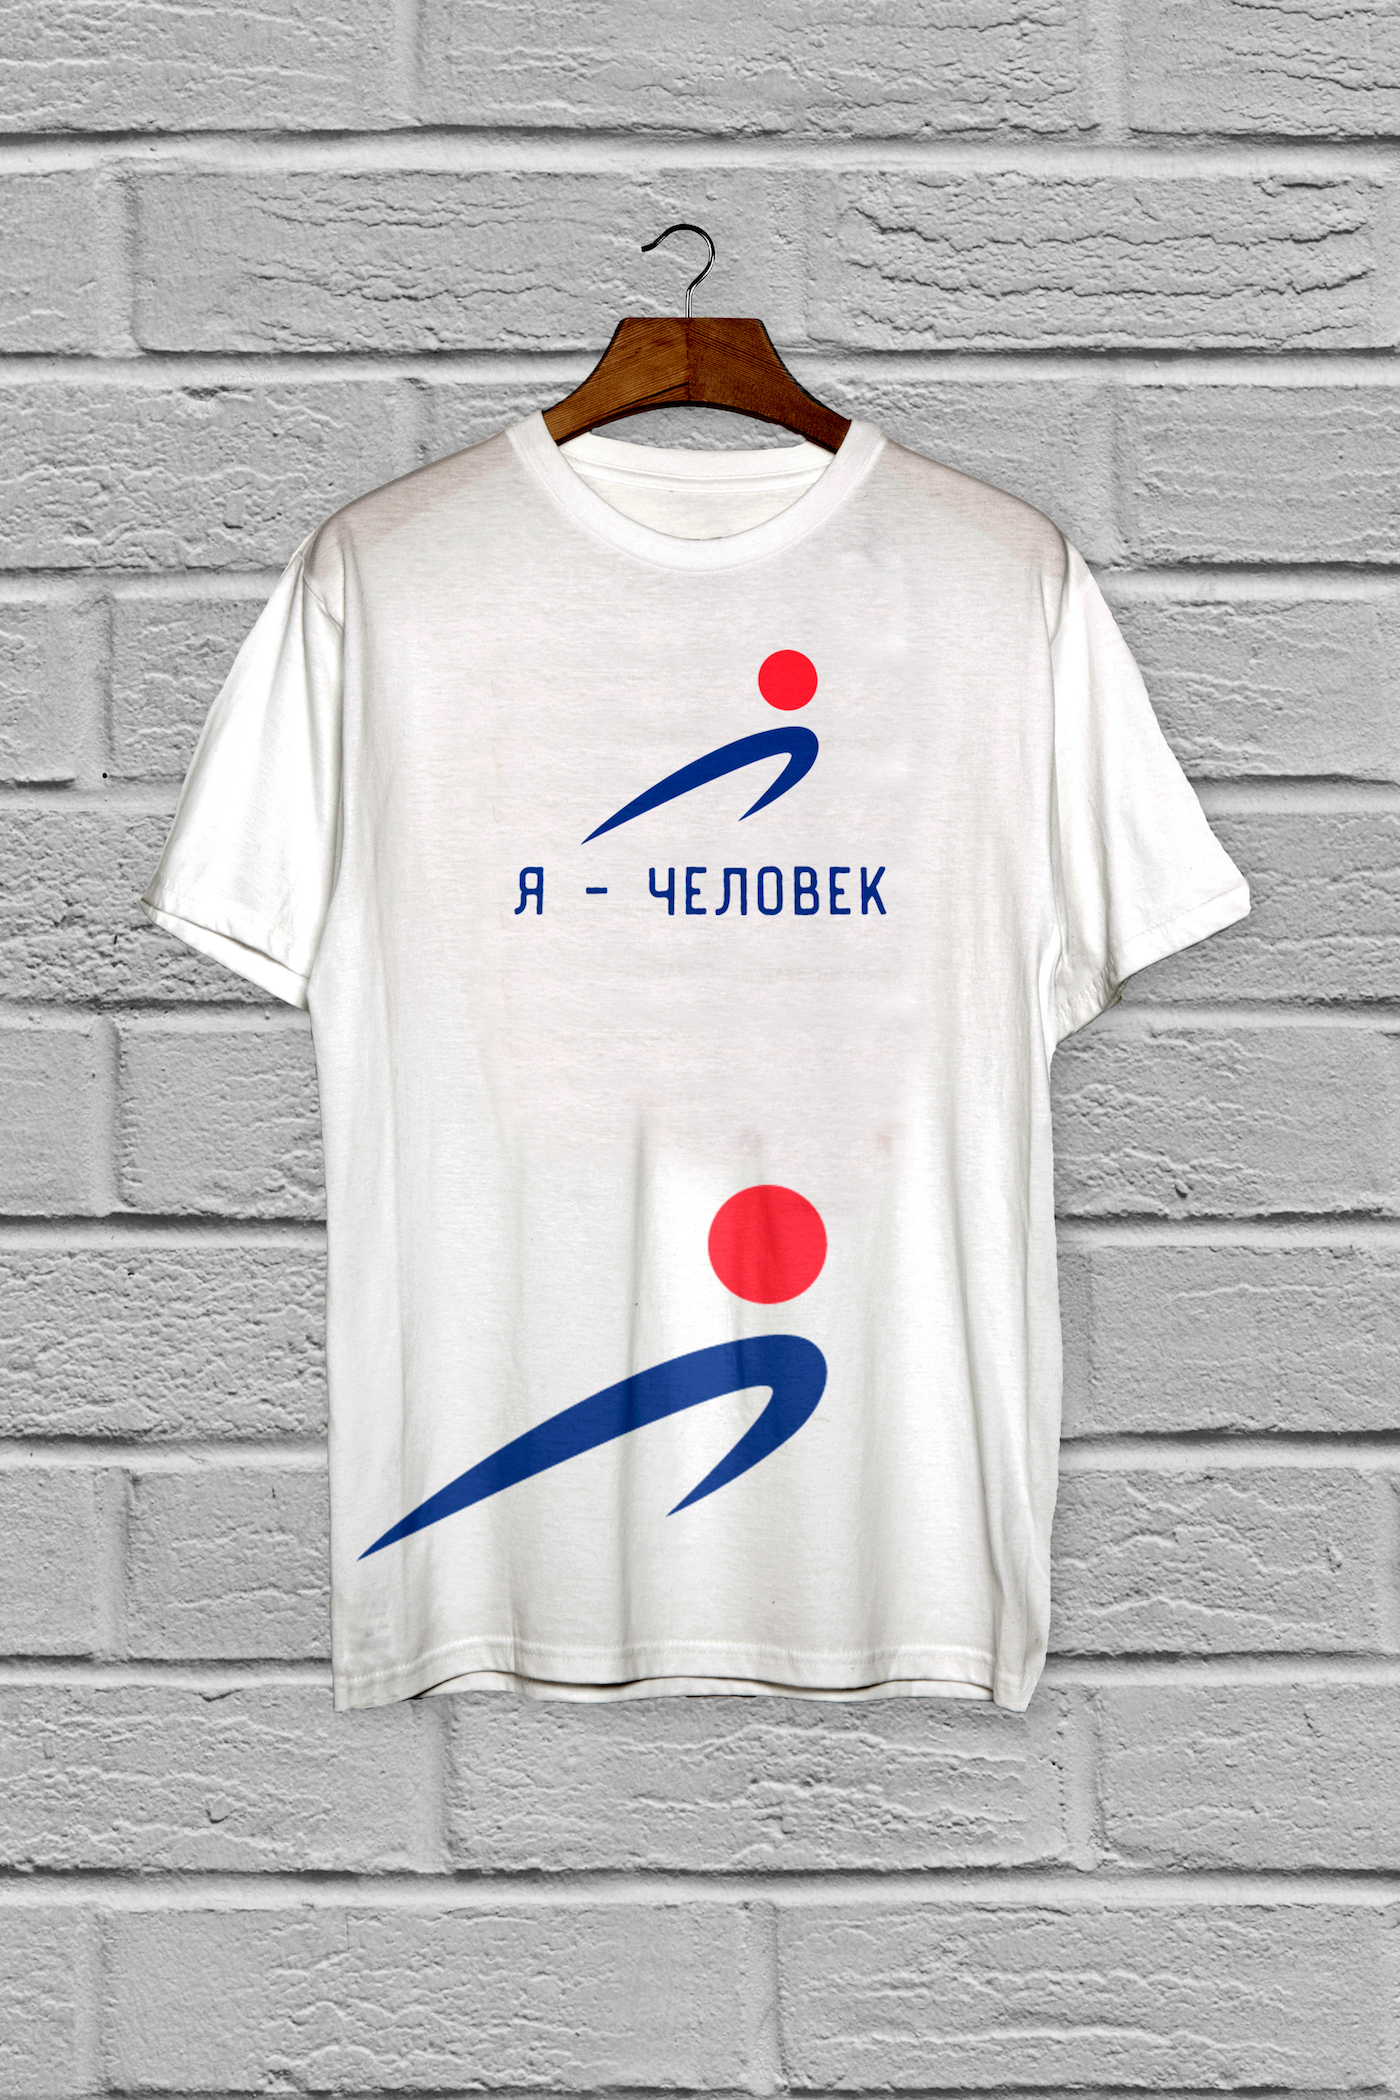 Конкурс на создание логотипа фото f_9405d236898329cd.jpg